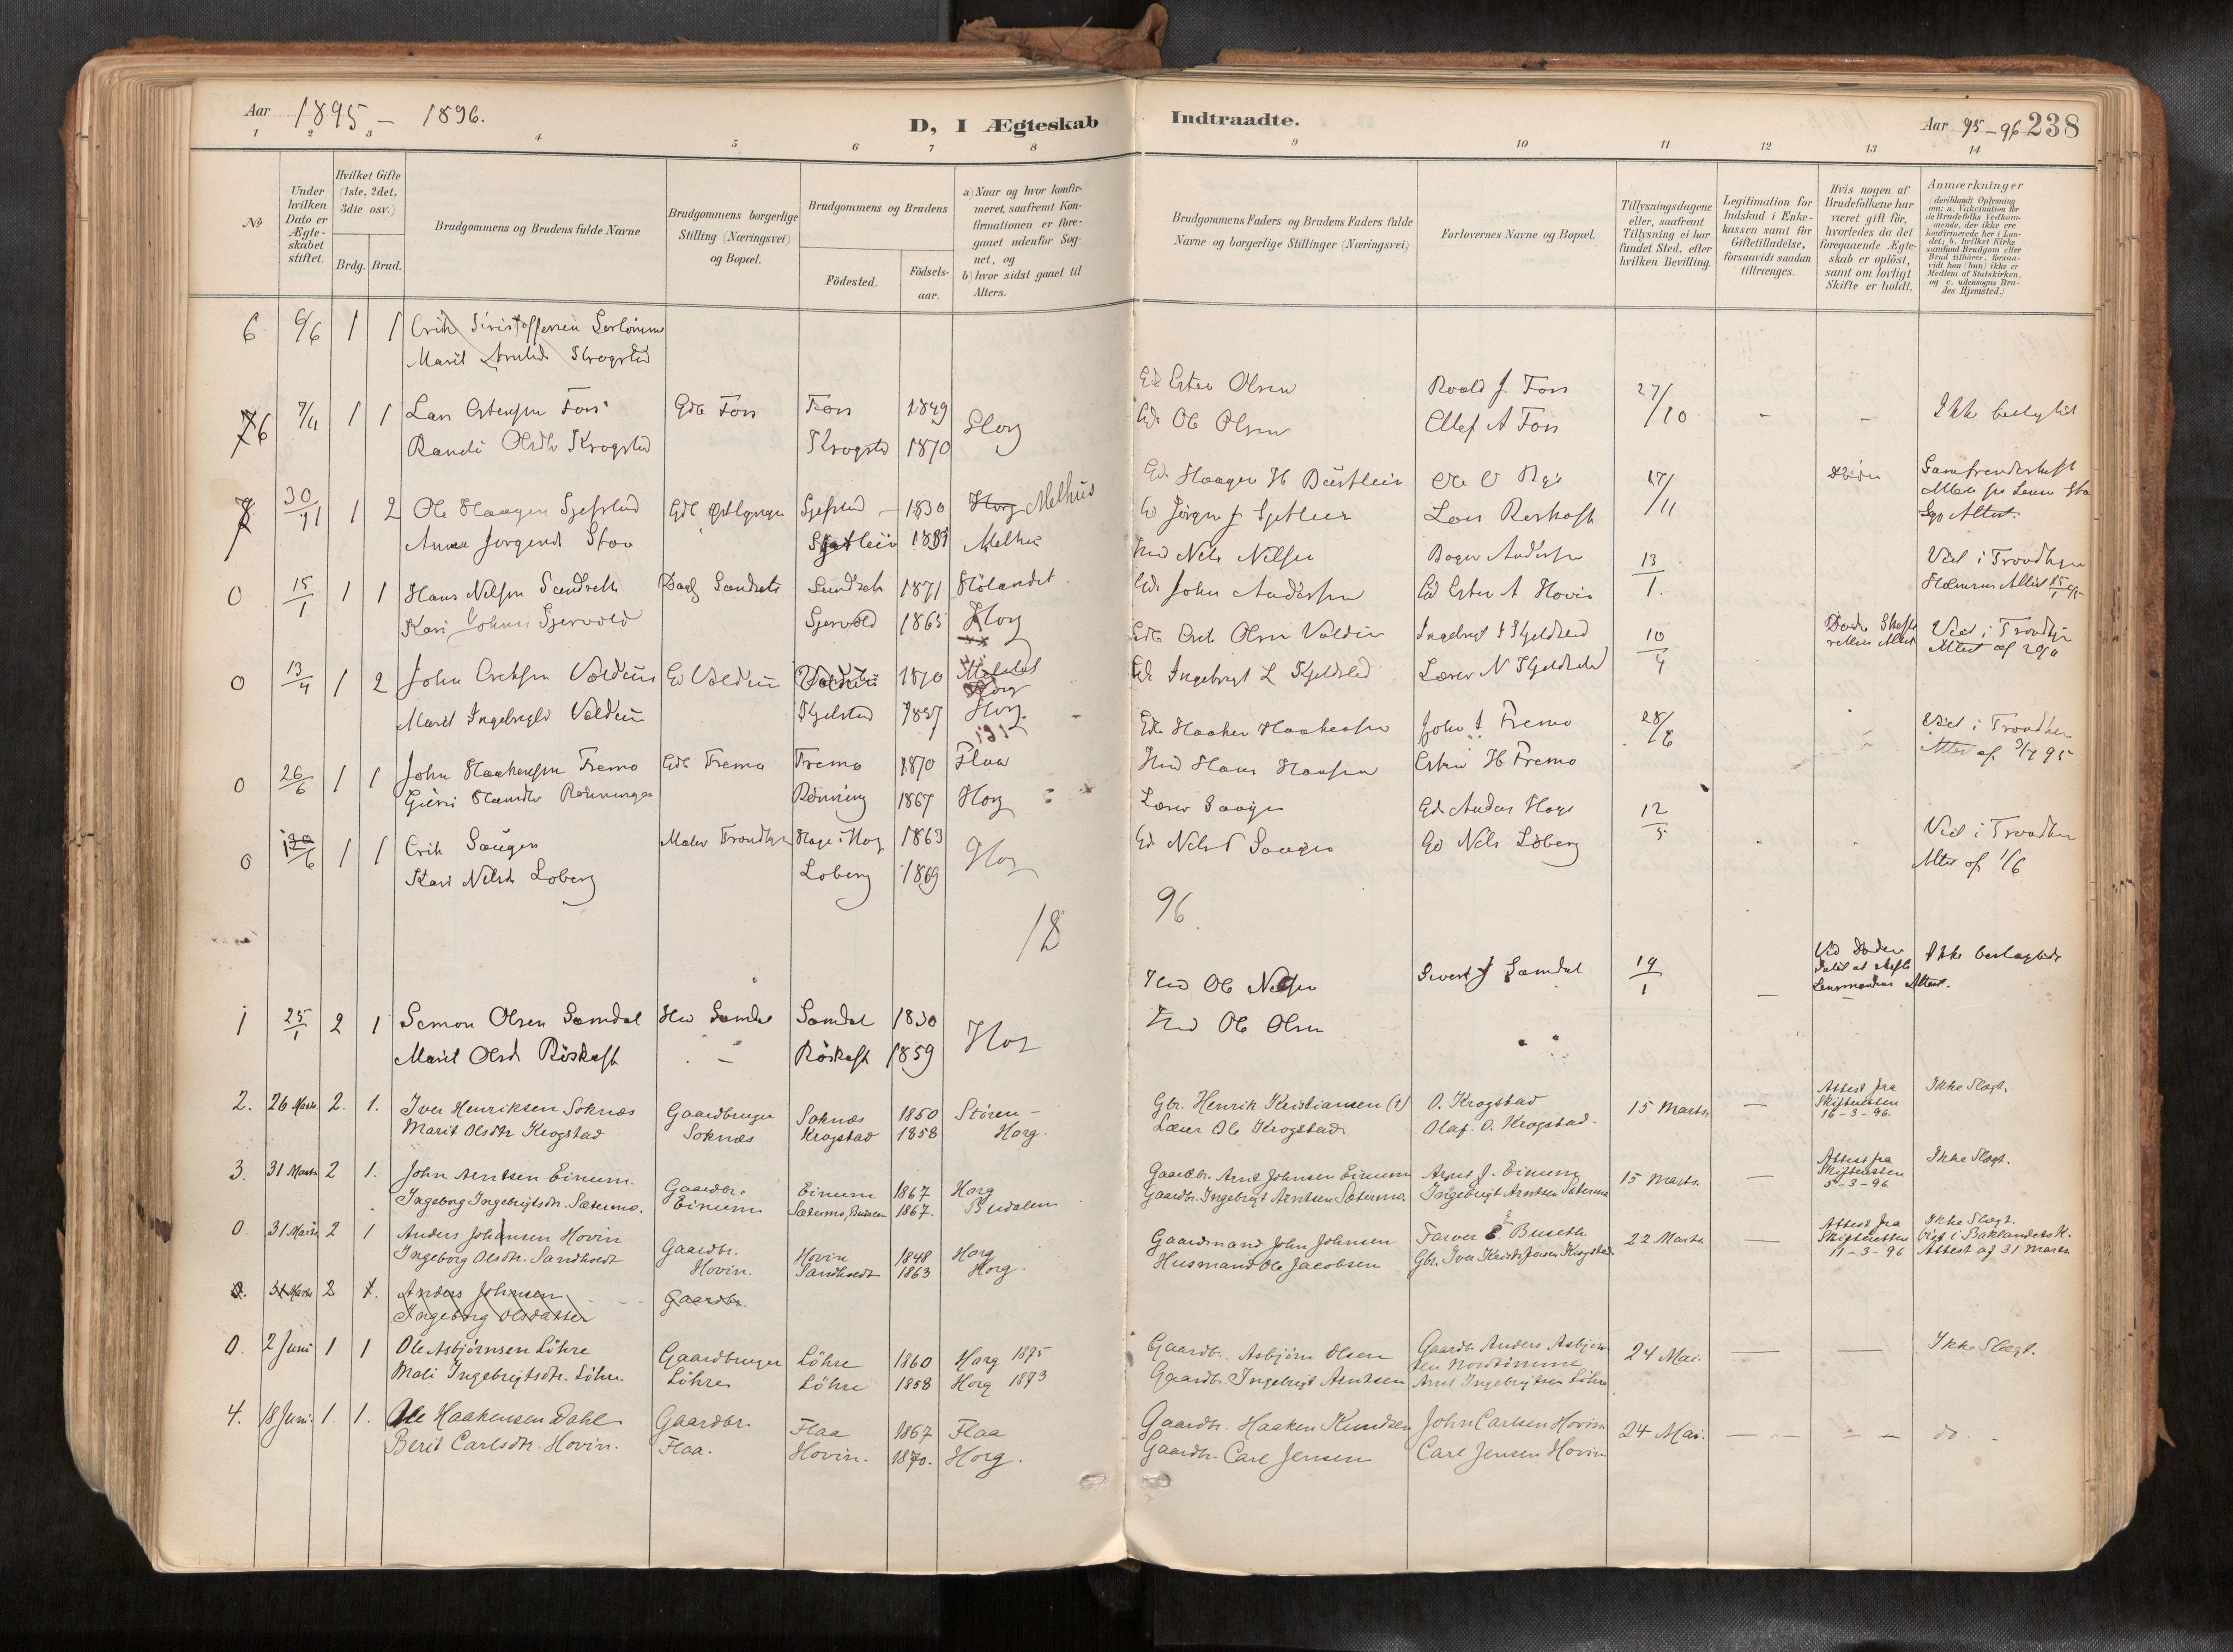 SAT, Ministerialprotokoller, klokkerbøker og fødselsregistre - Sør-Trøndelag, 692/L1105b: Ministerialbok nr. 692A06, 1891-1934, s. 238